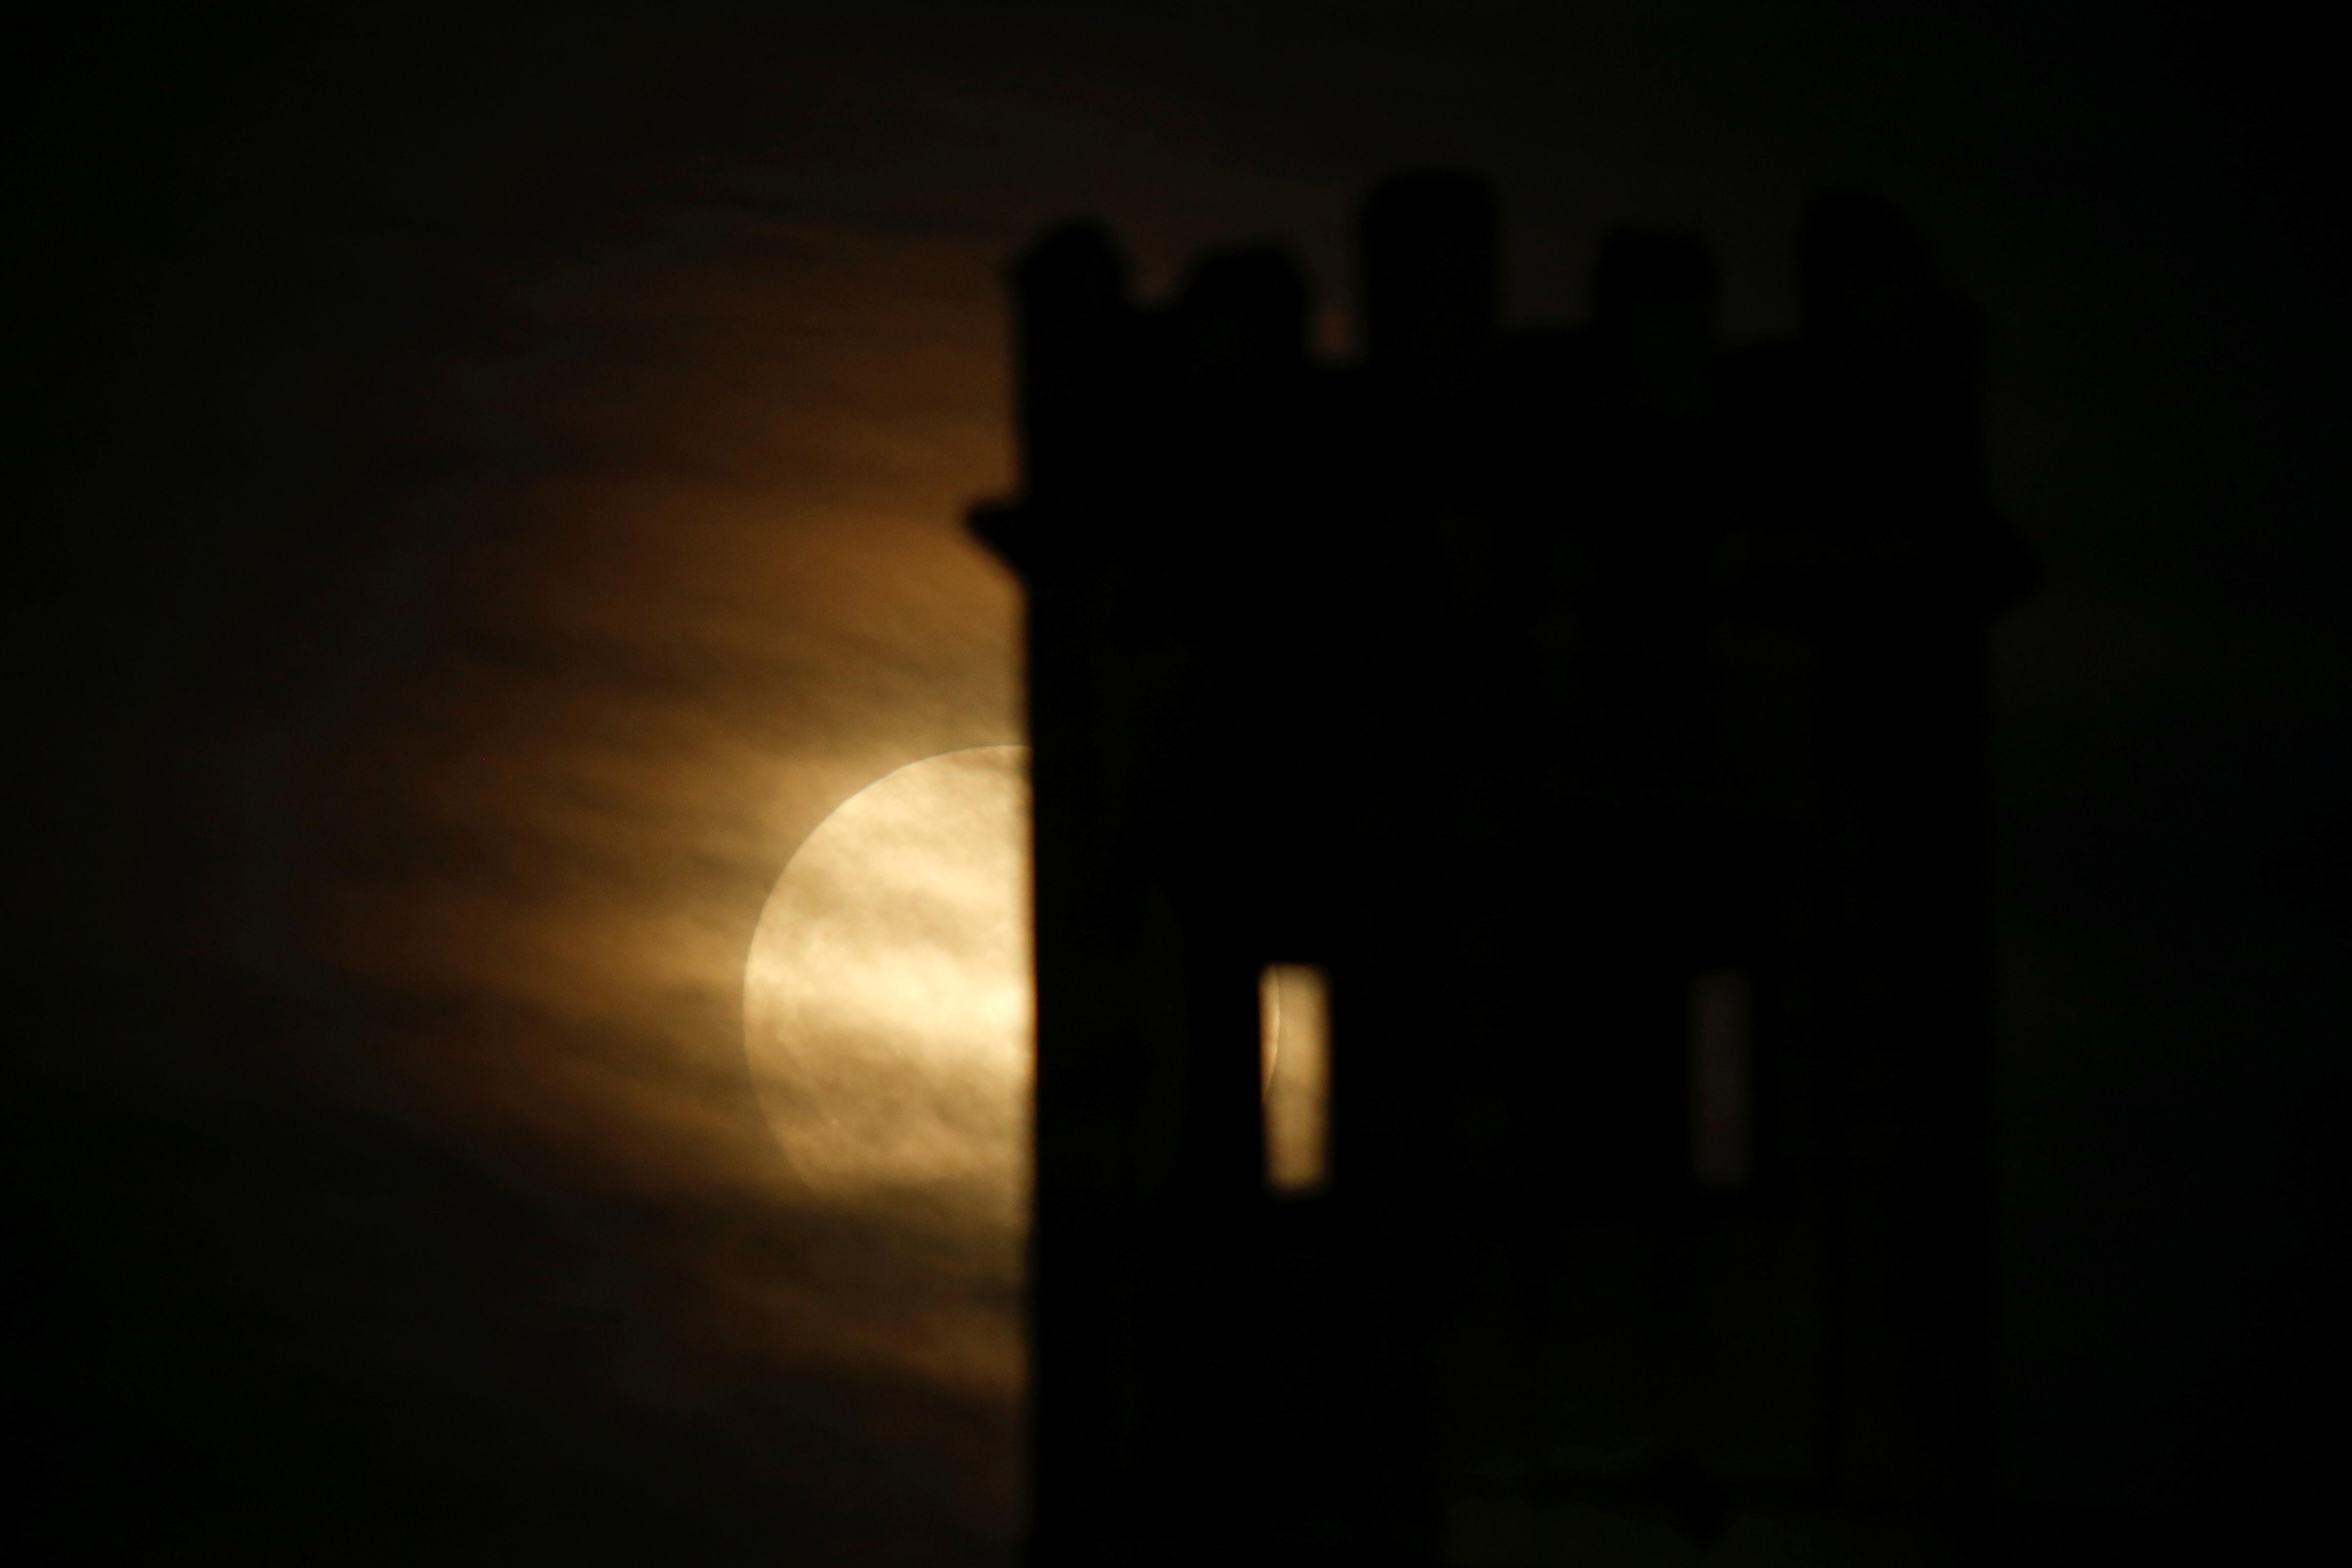 القمر العملاق ينير سماء مالطا